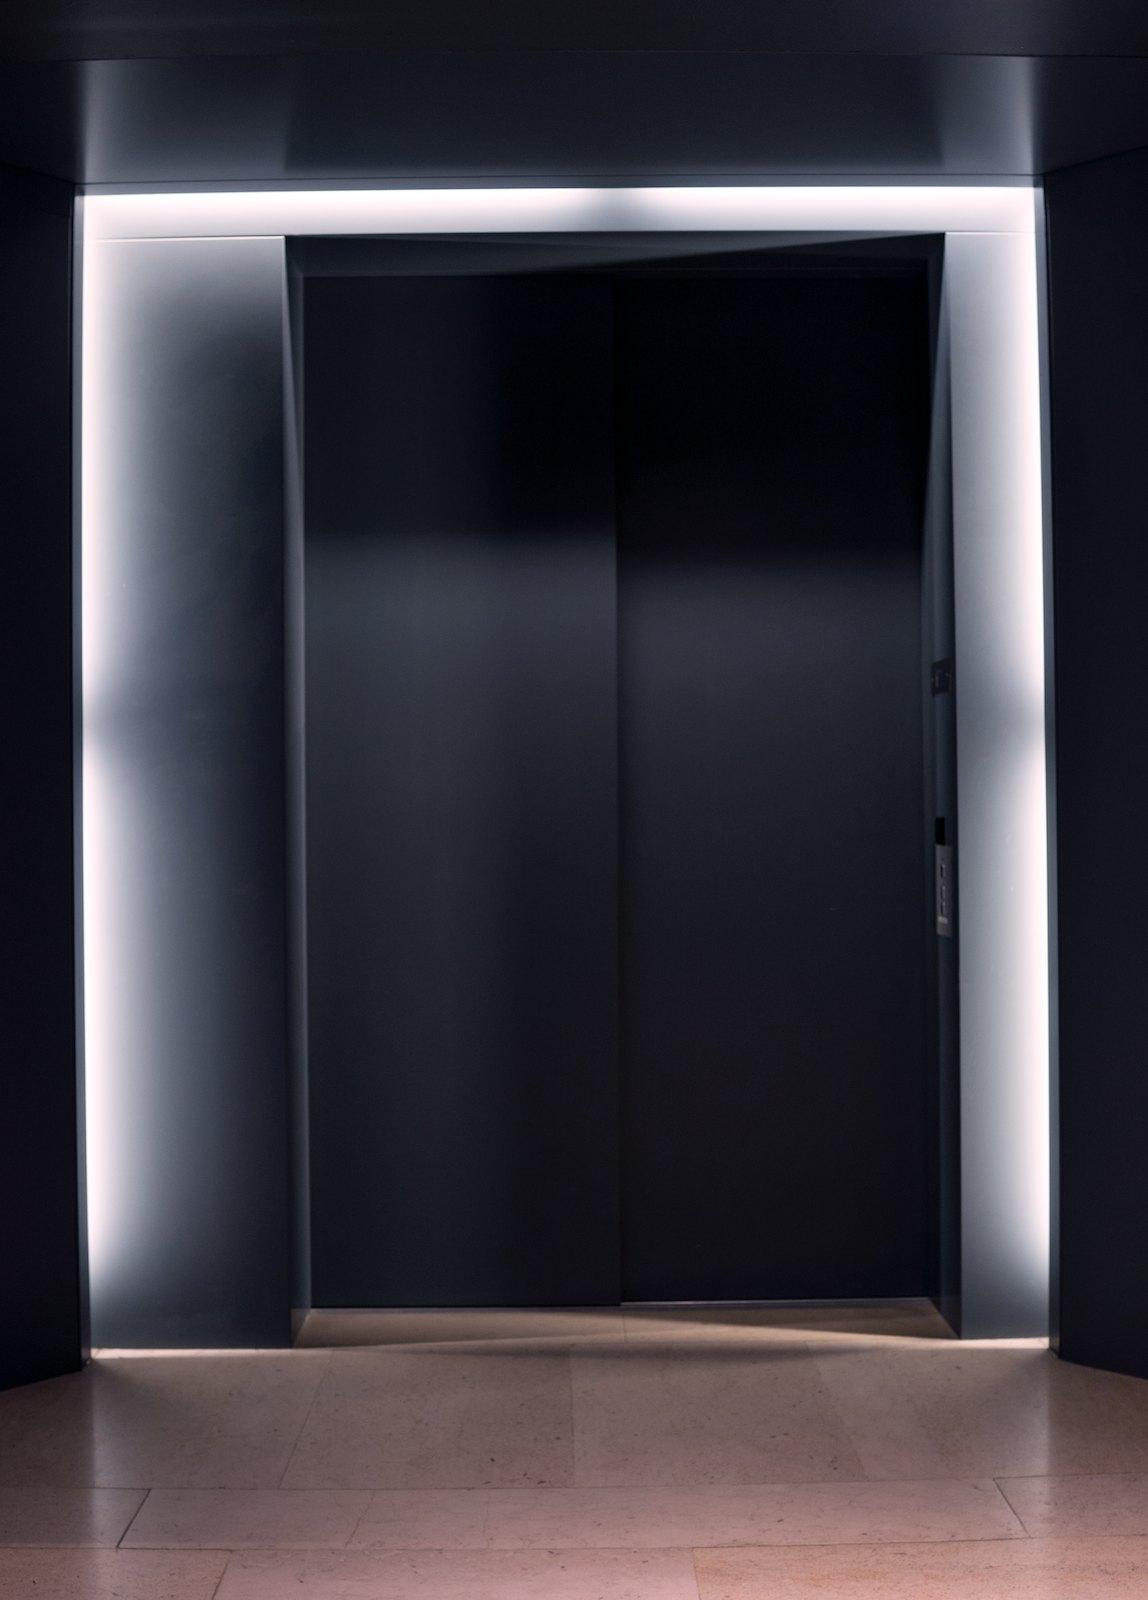 Entrance, 2017/2019. Archival inkjet print, 99,5 x 69,8 cm. Ed. 5 + 1AP